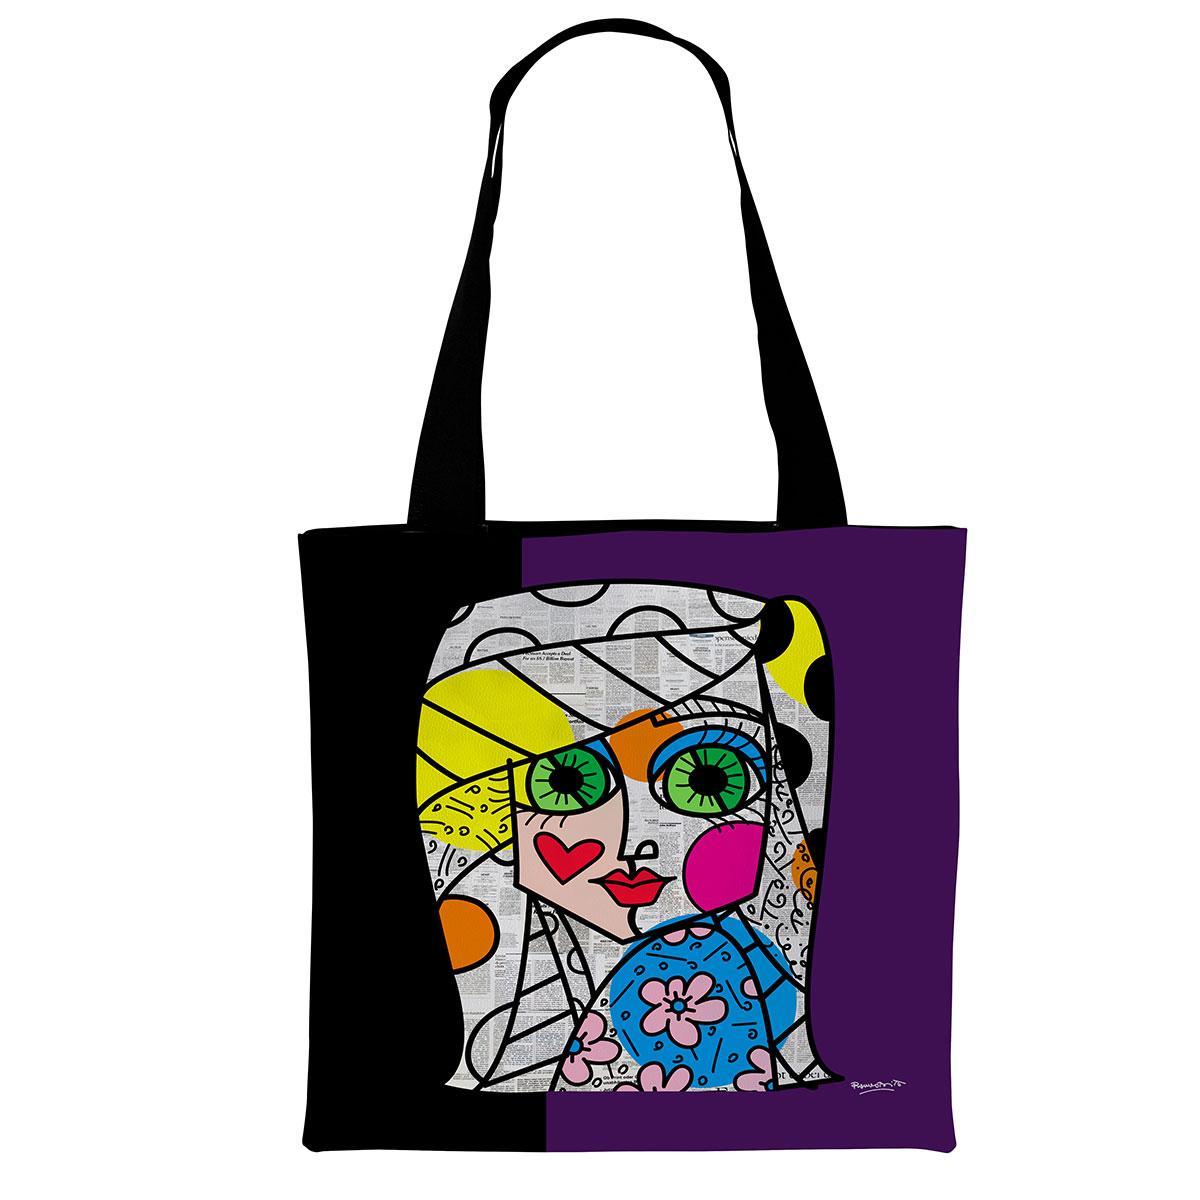 borsa di tipo tote bag in morbida ecopelle nera con grafica di donna stilizzata di Romero Britto